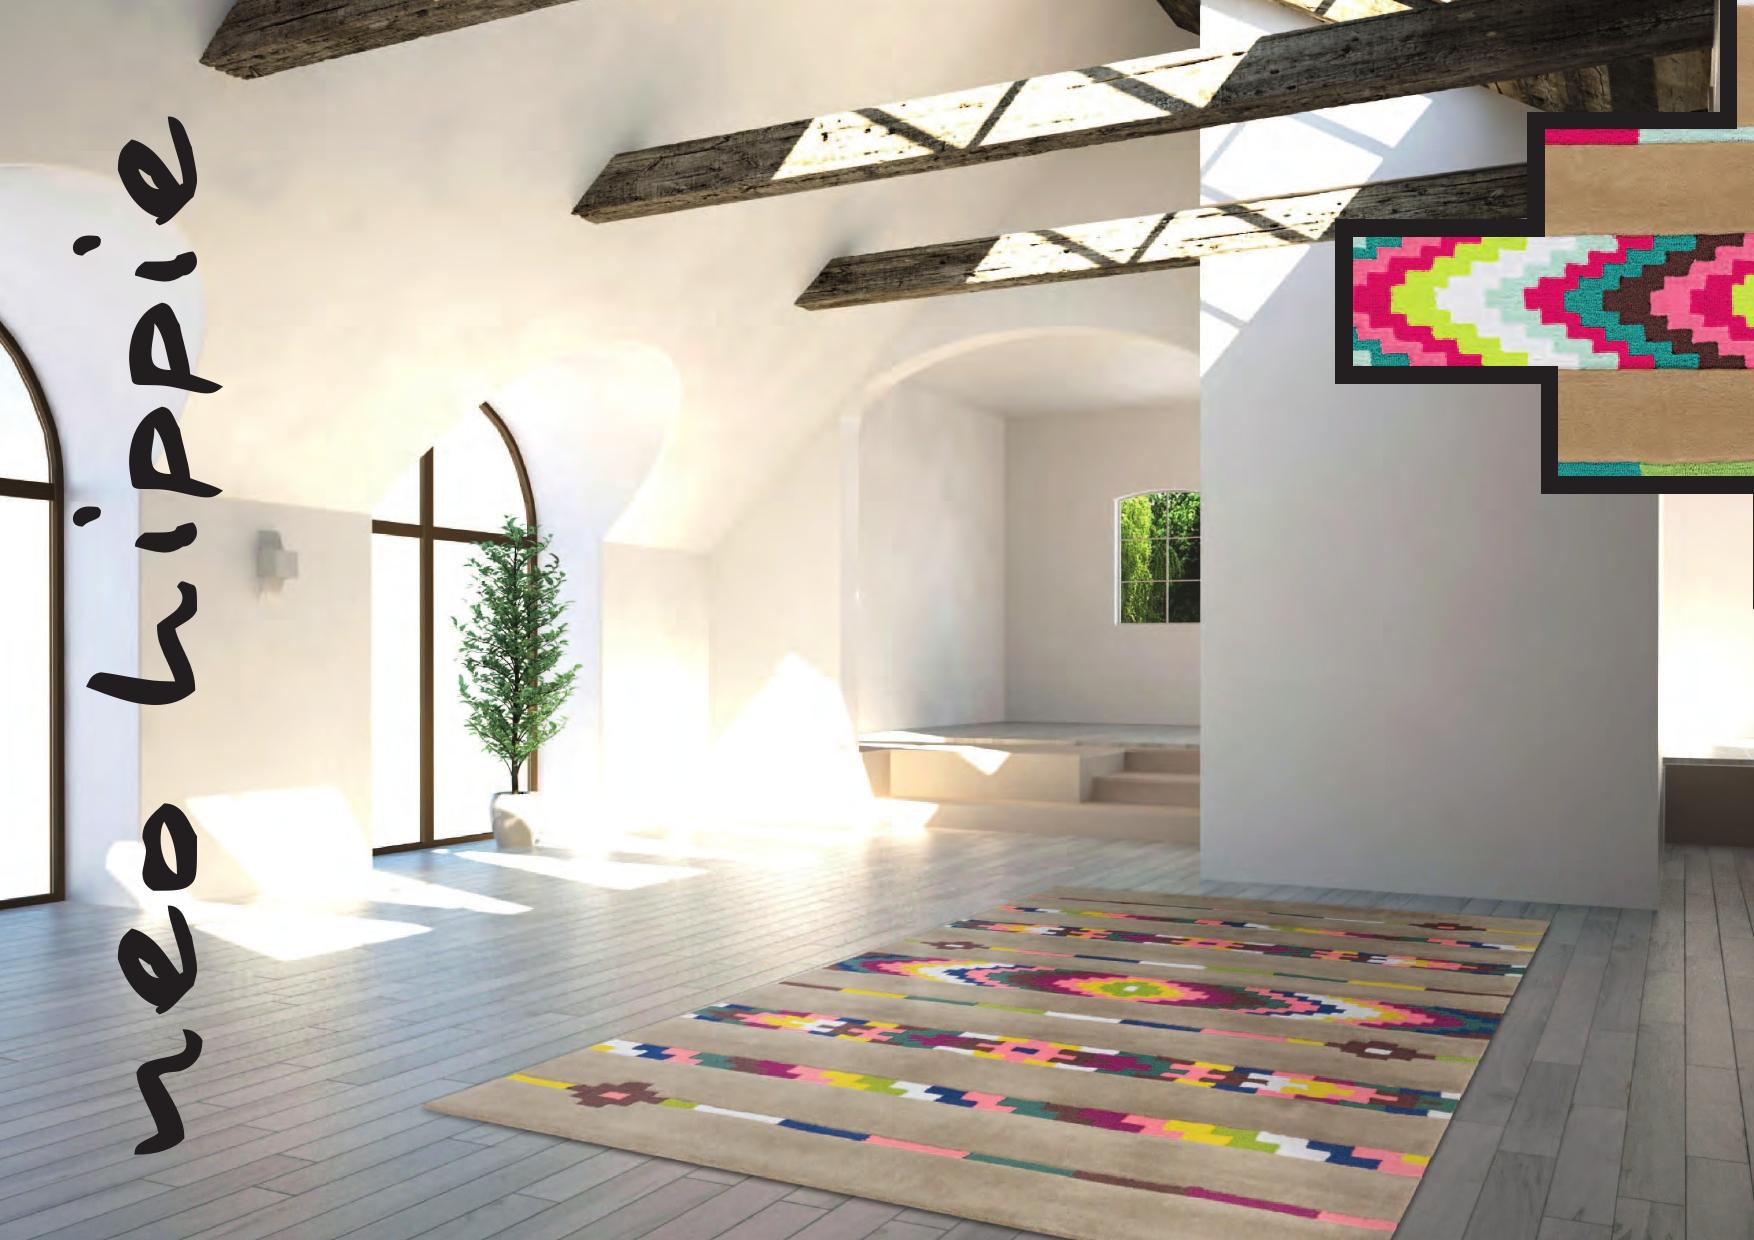 Tappeti moderni arte design sirecom 2014 ora disponibili - Sirecom tappeti ...